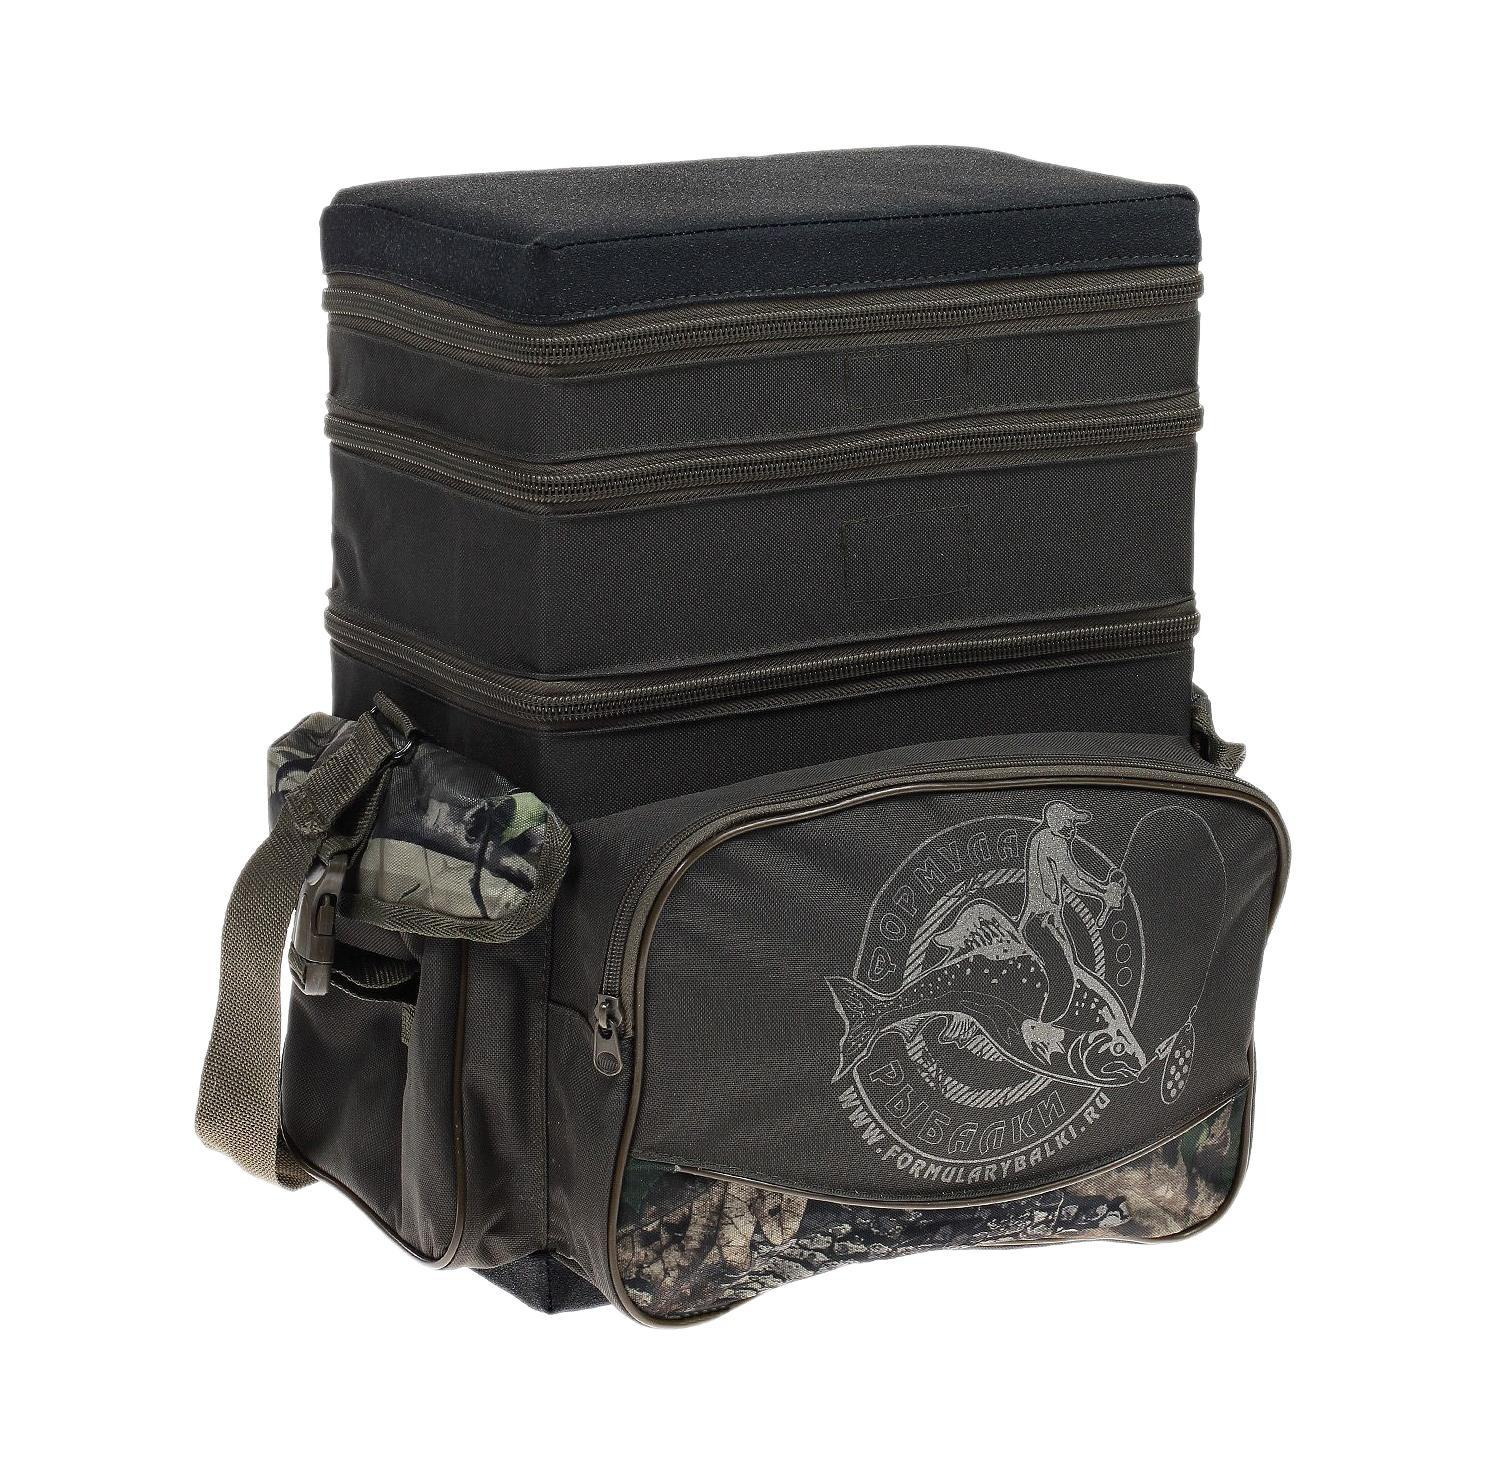 Ящик-рюкзак рыболовный Формула рыбалки, зимний, 3 яруса